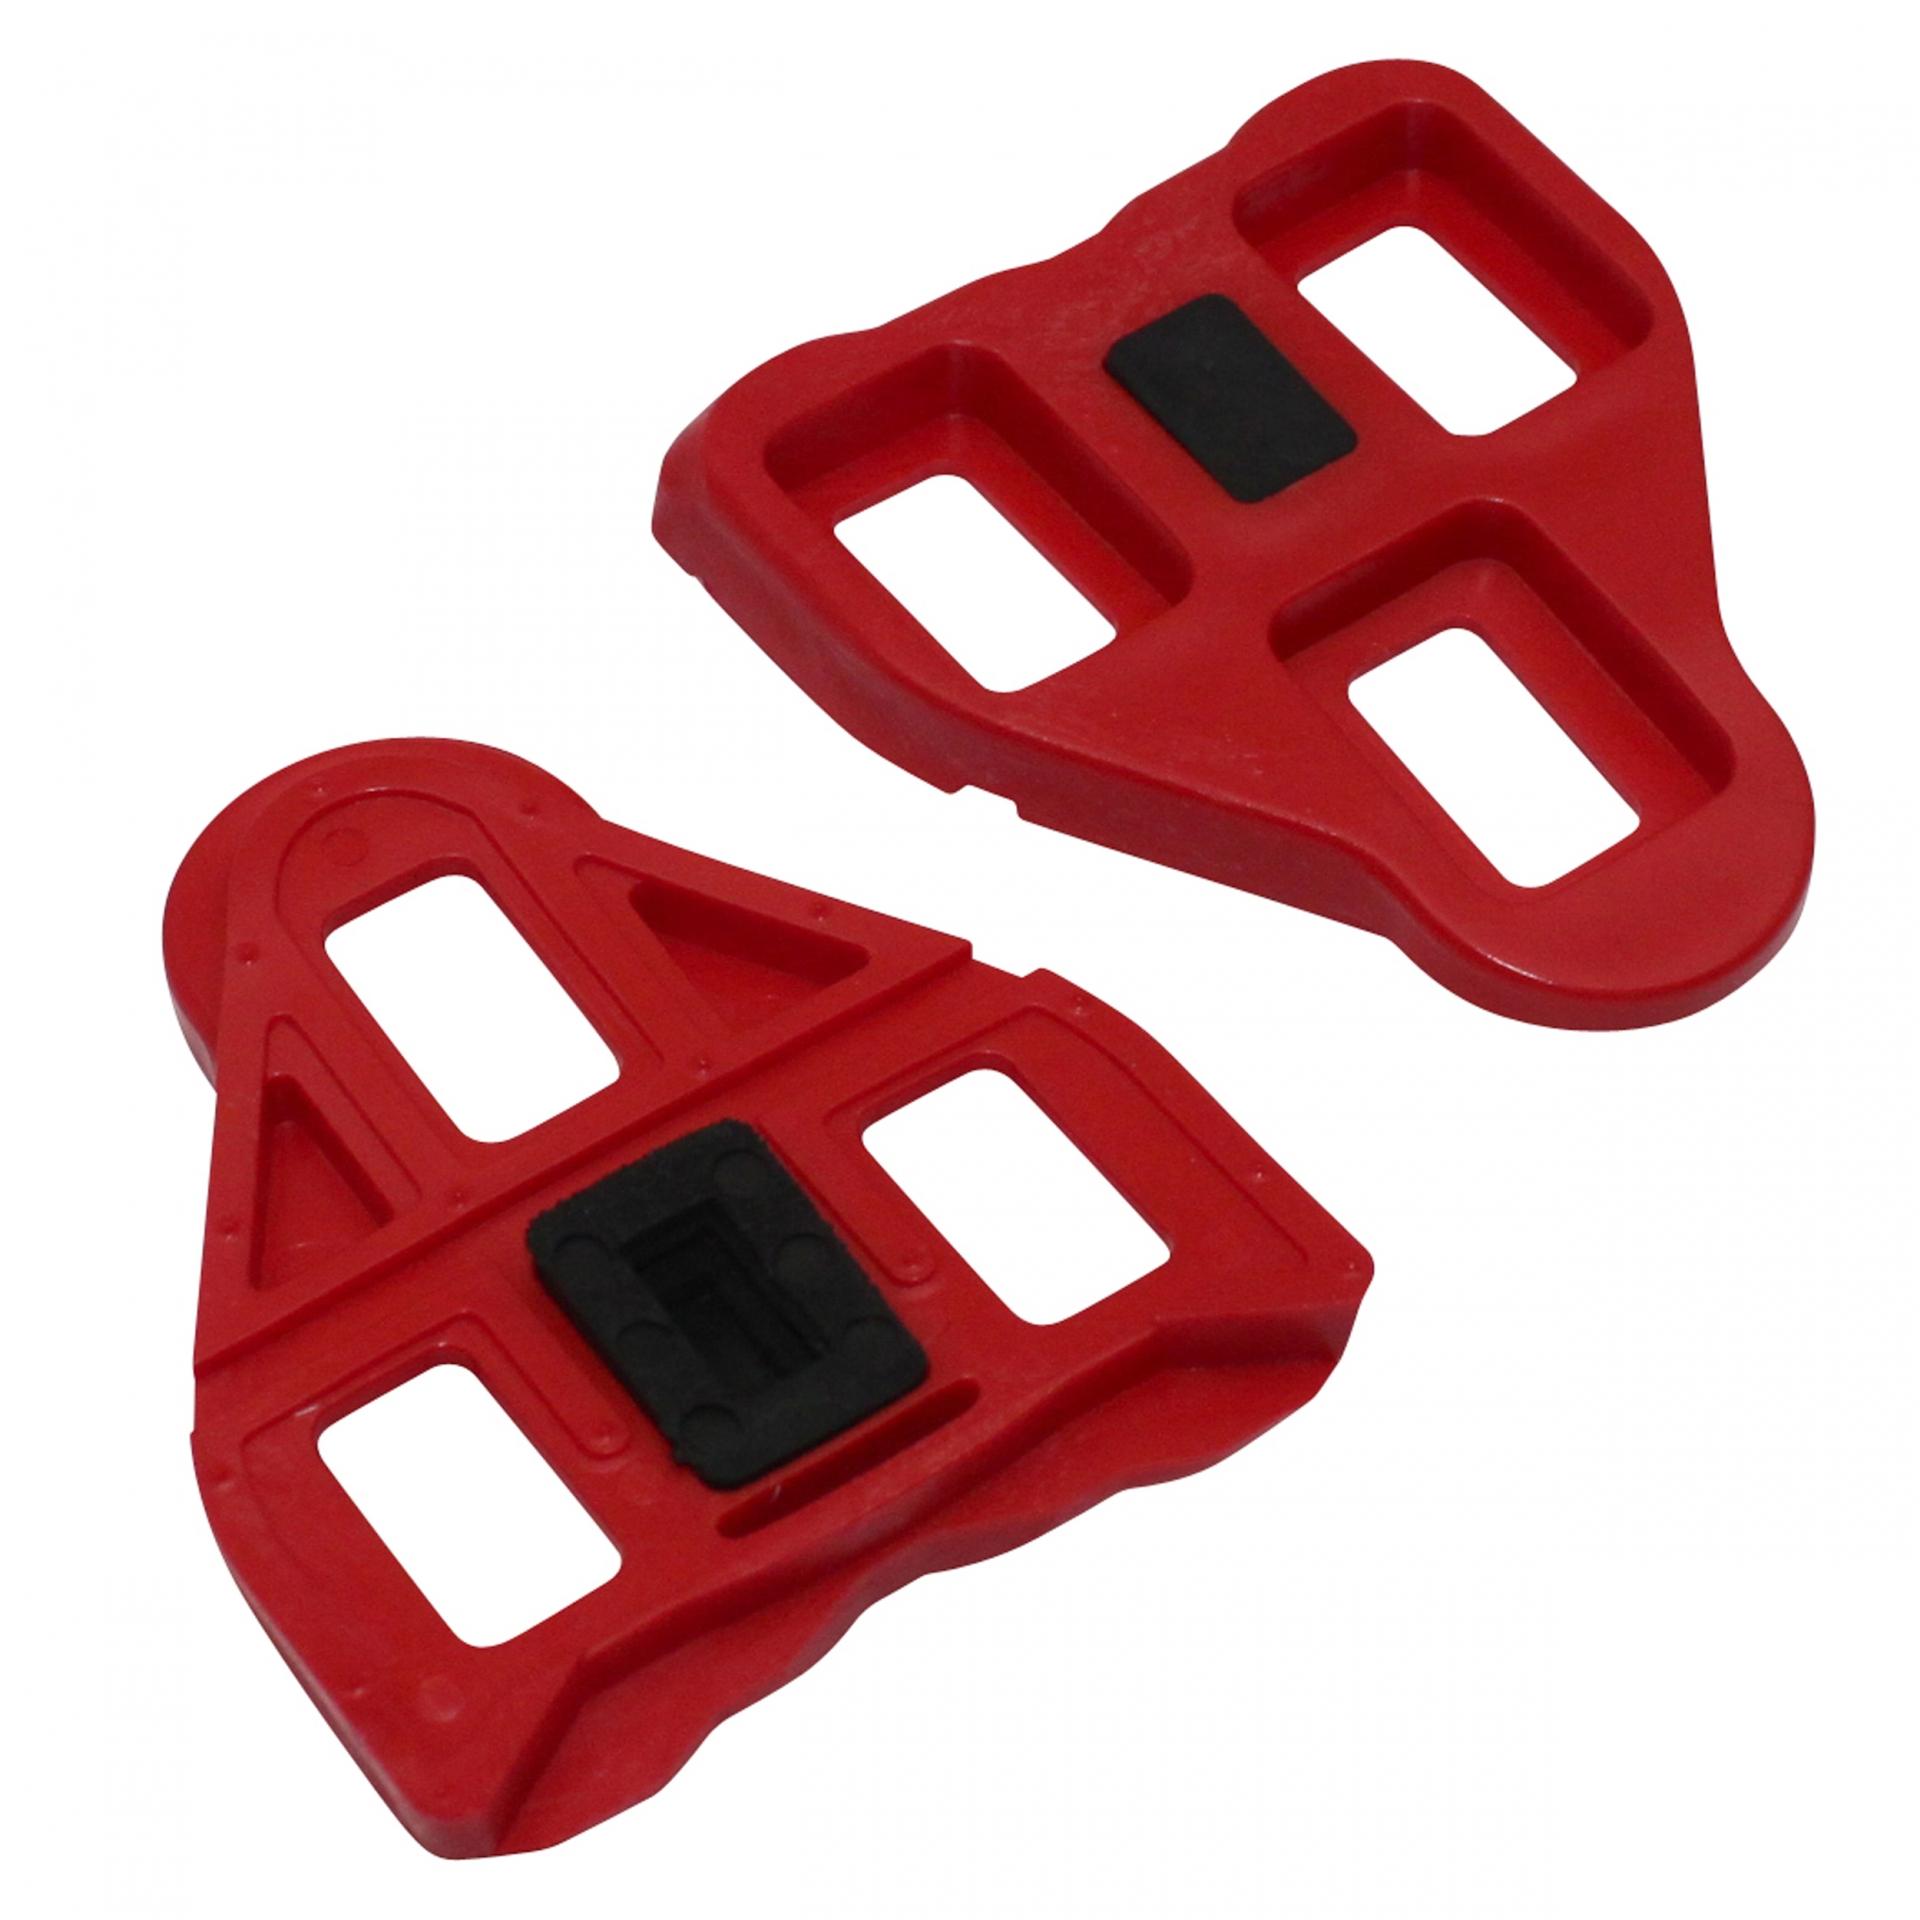 Cales pédales auto Roto compatibles Look Delta 9 degrés Rouge (Paire)